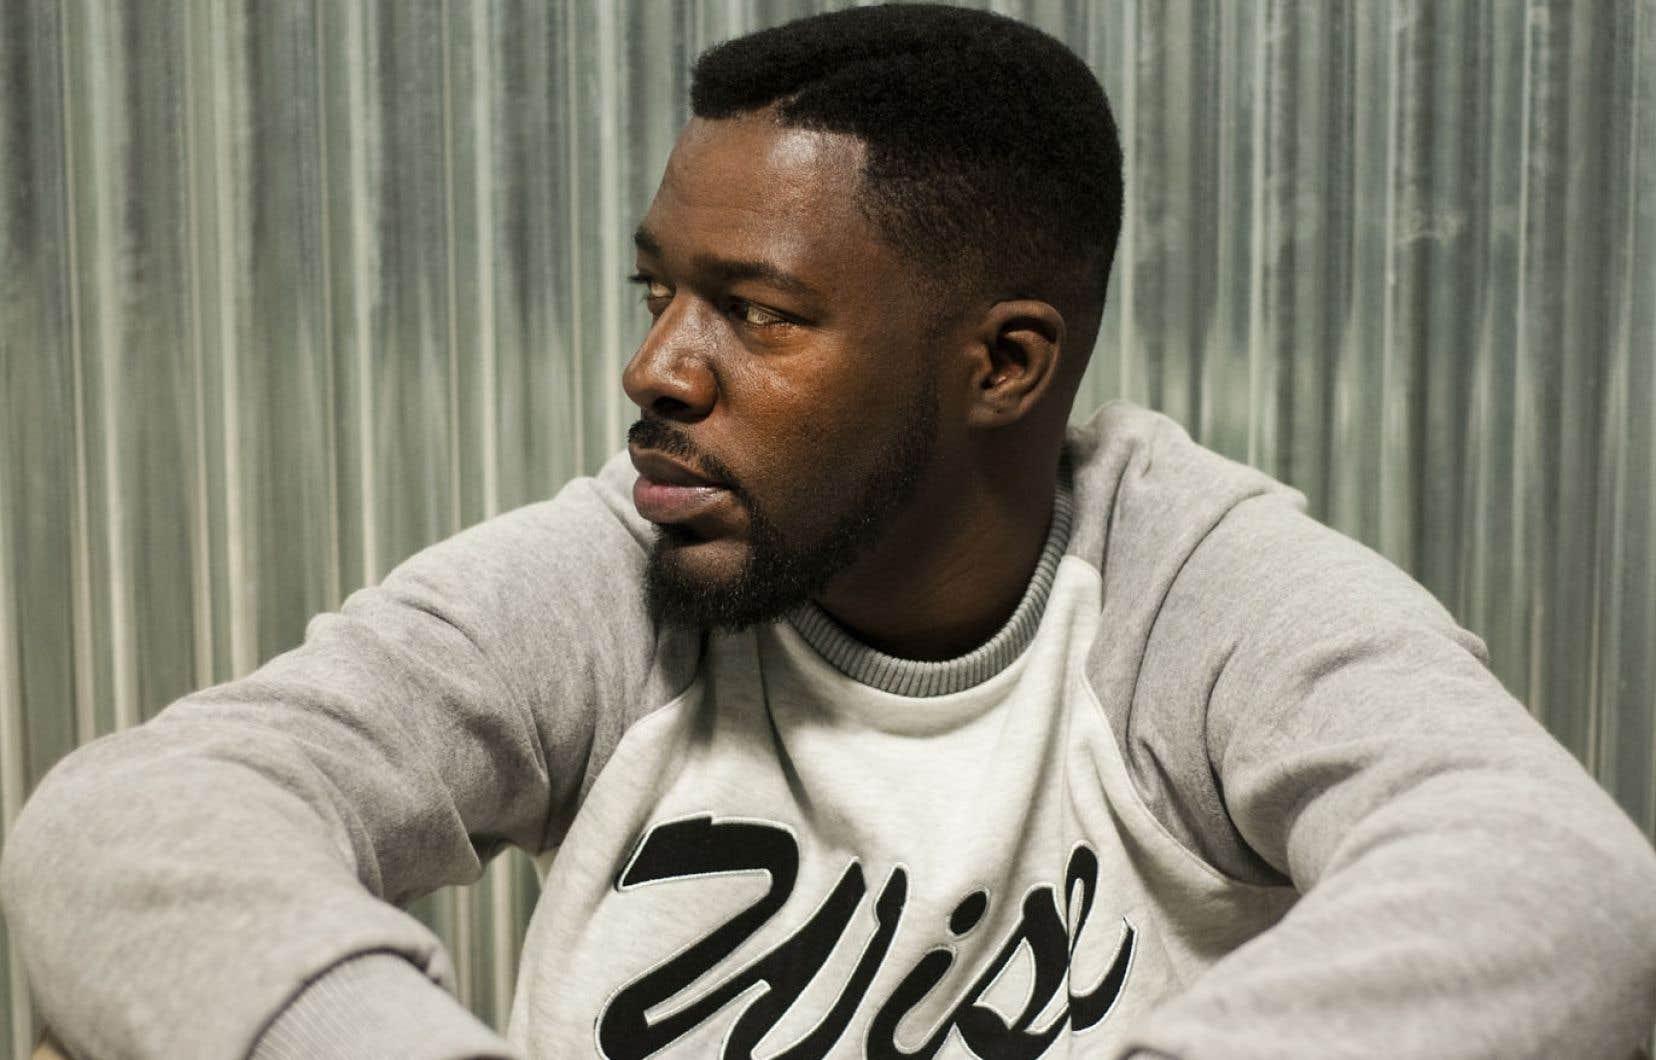 Le rappeur Dramatik a recherché un son plus intemporel dans la création de son dernier album.